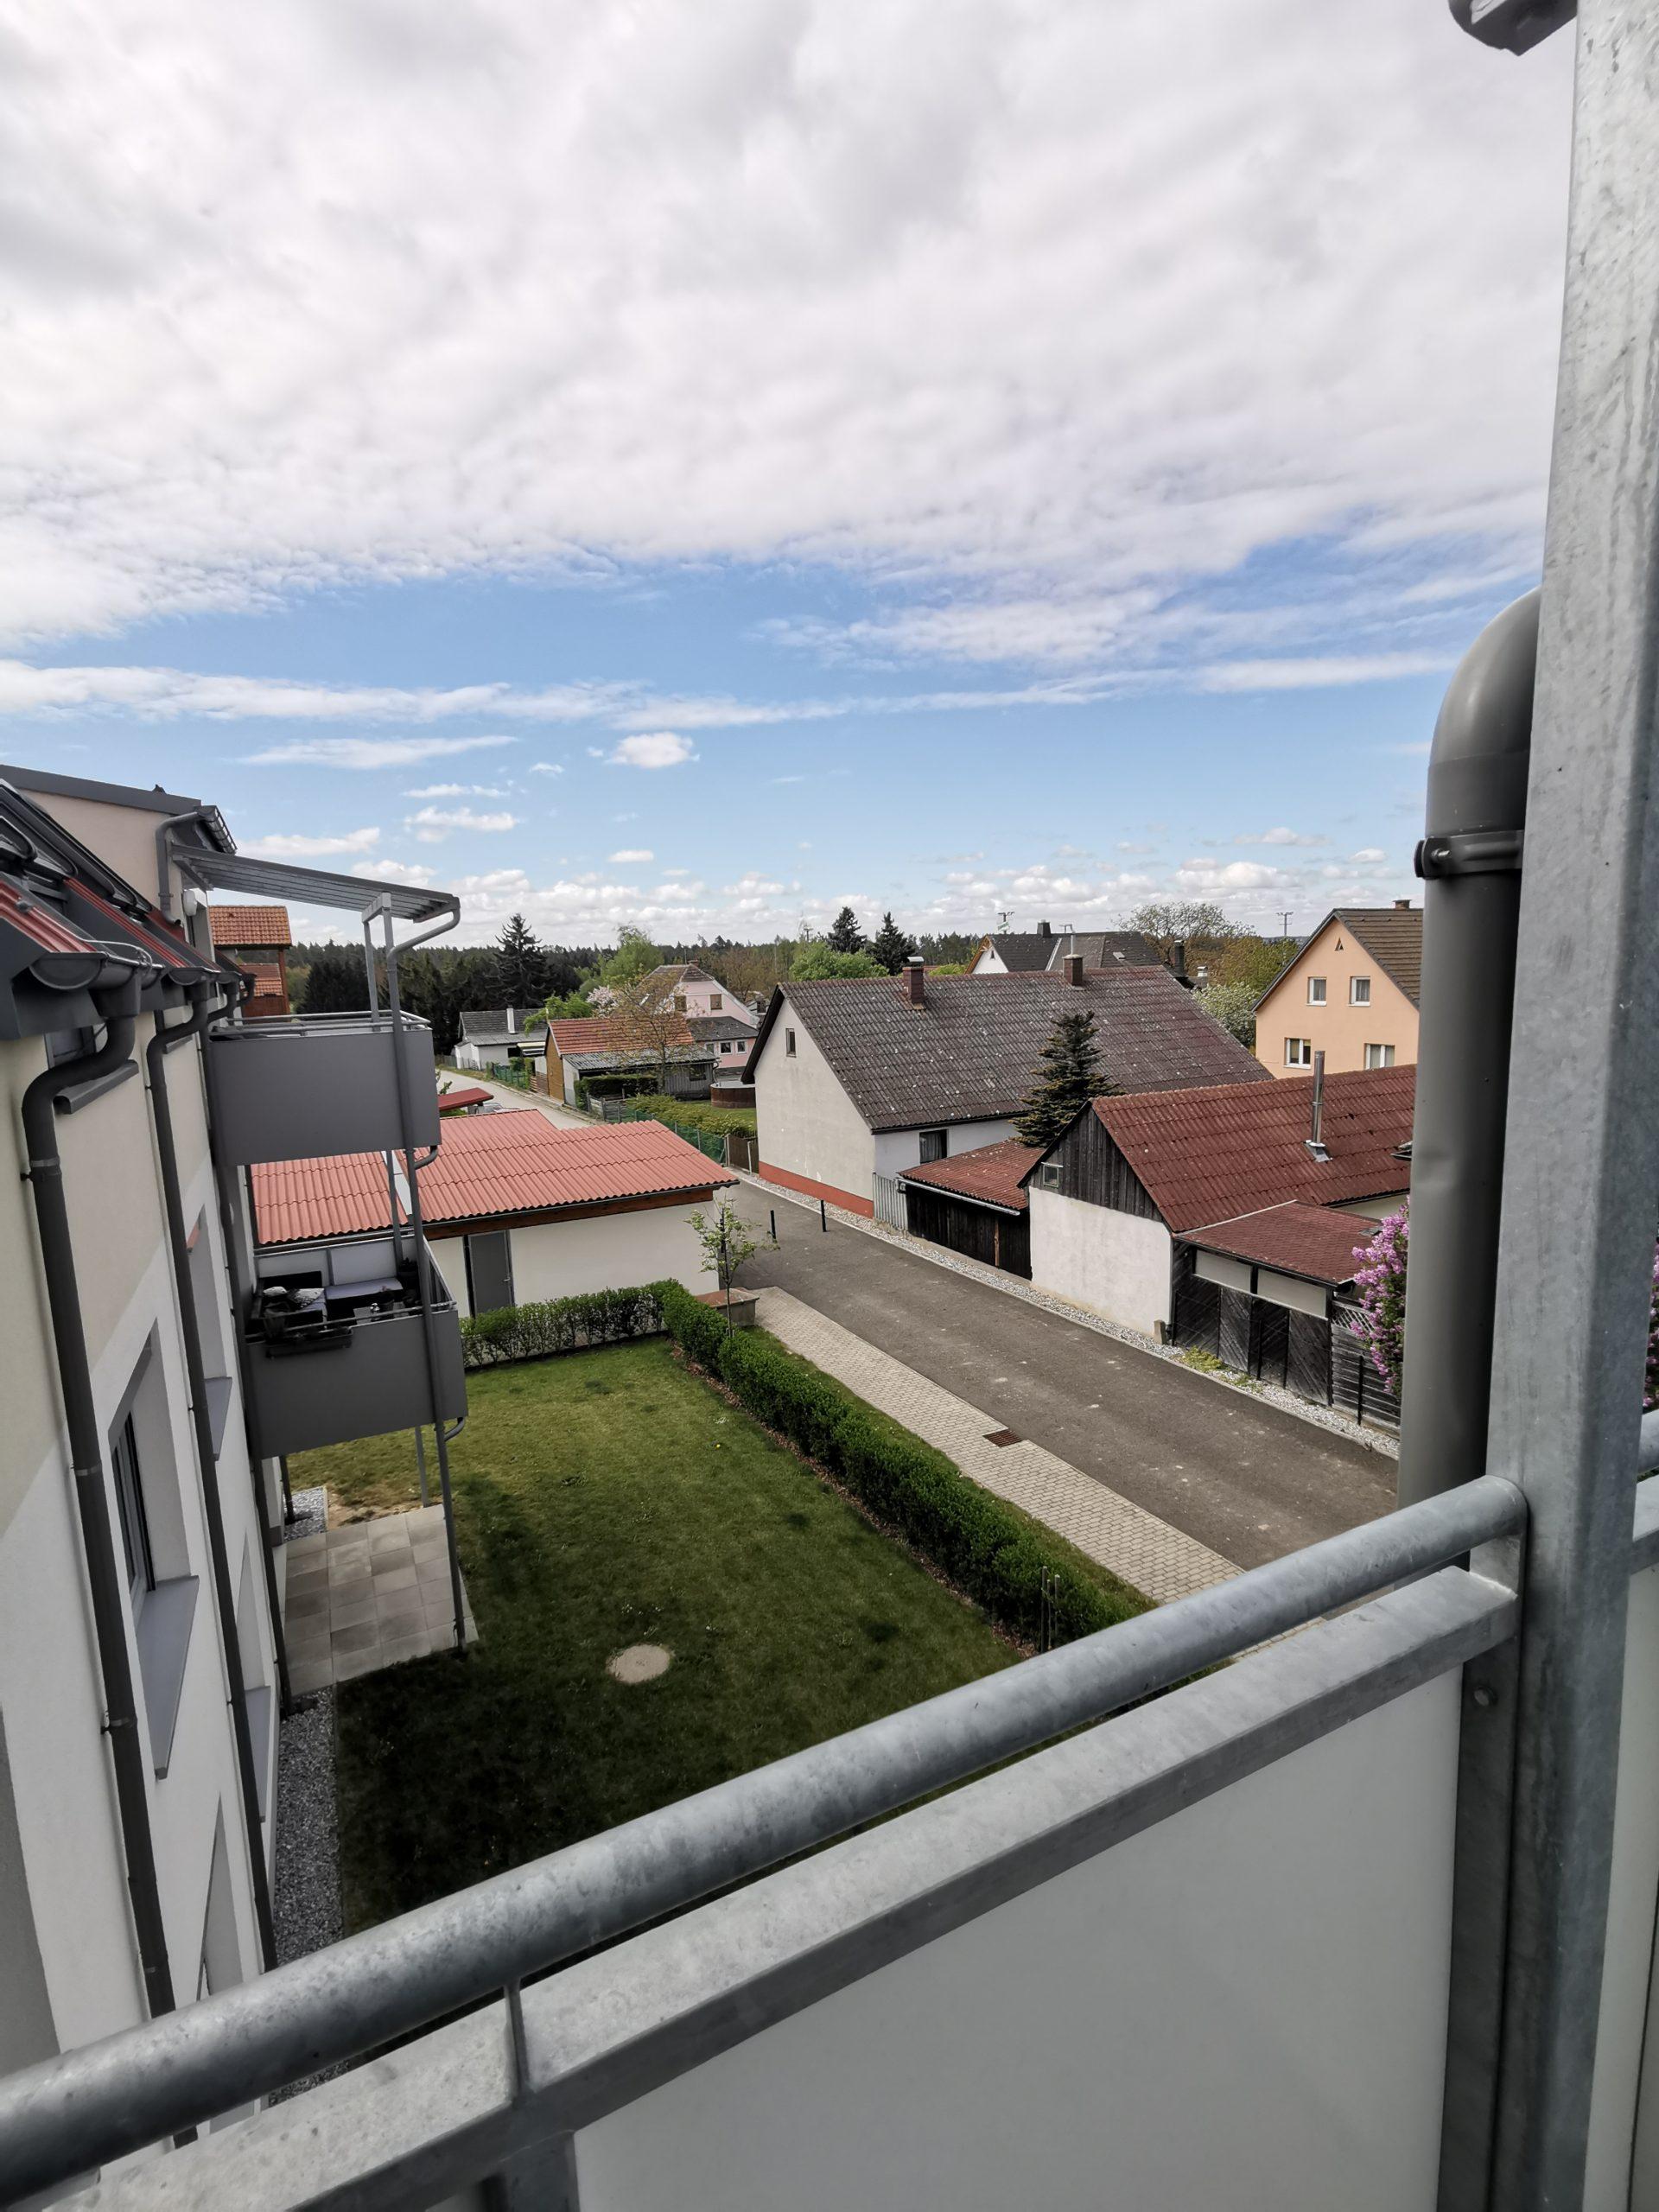 Immobilie von Kamptal in 3754 Irnfritz, Horn, Irnfritz II/3 - Top 308 #3